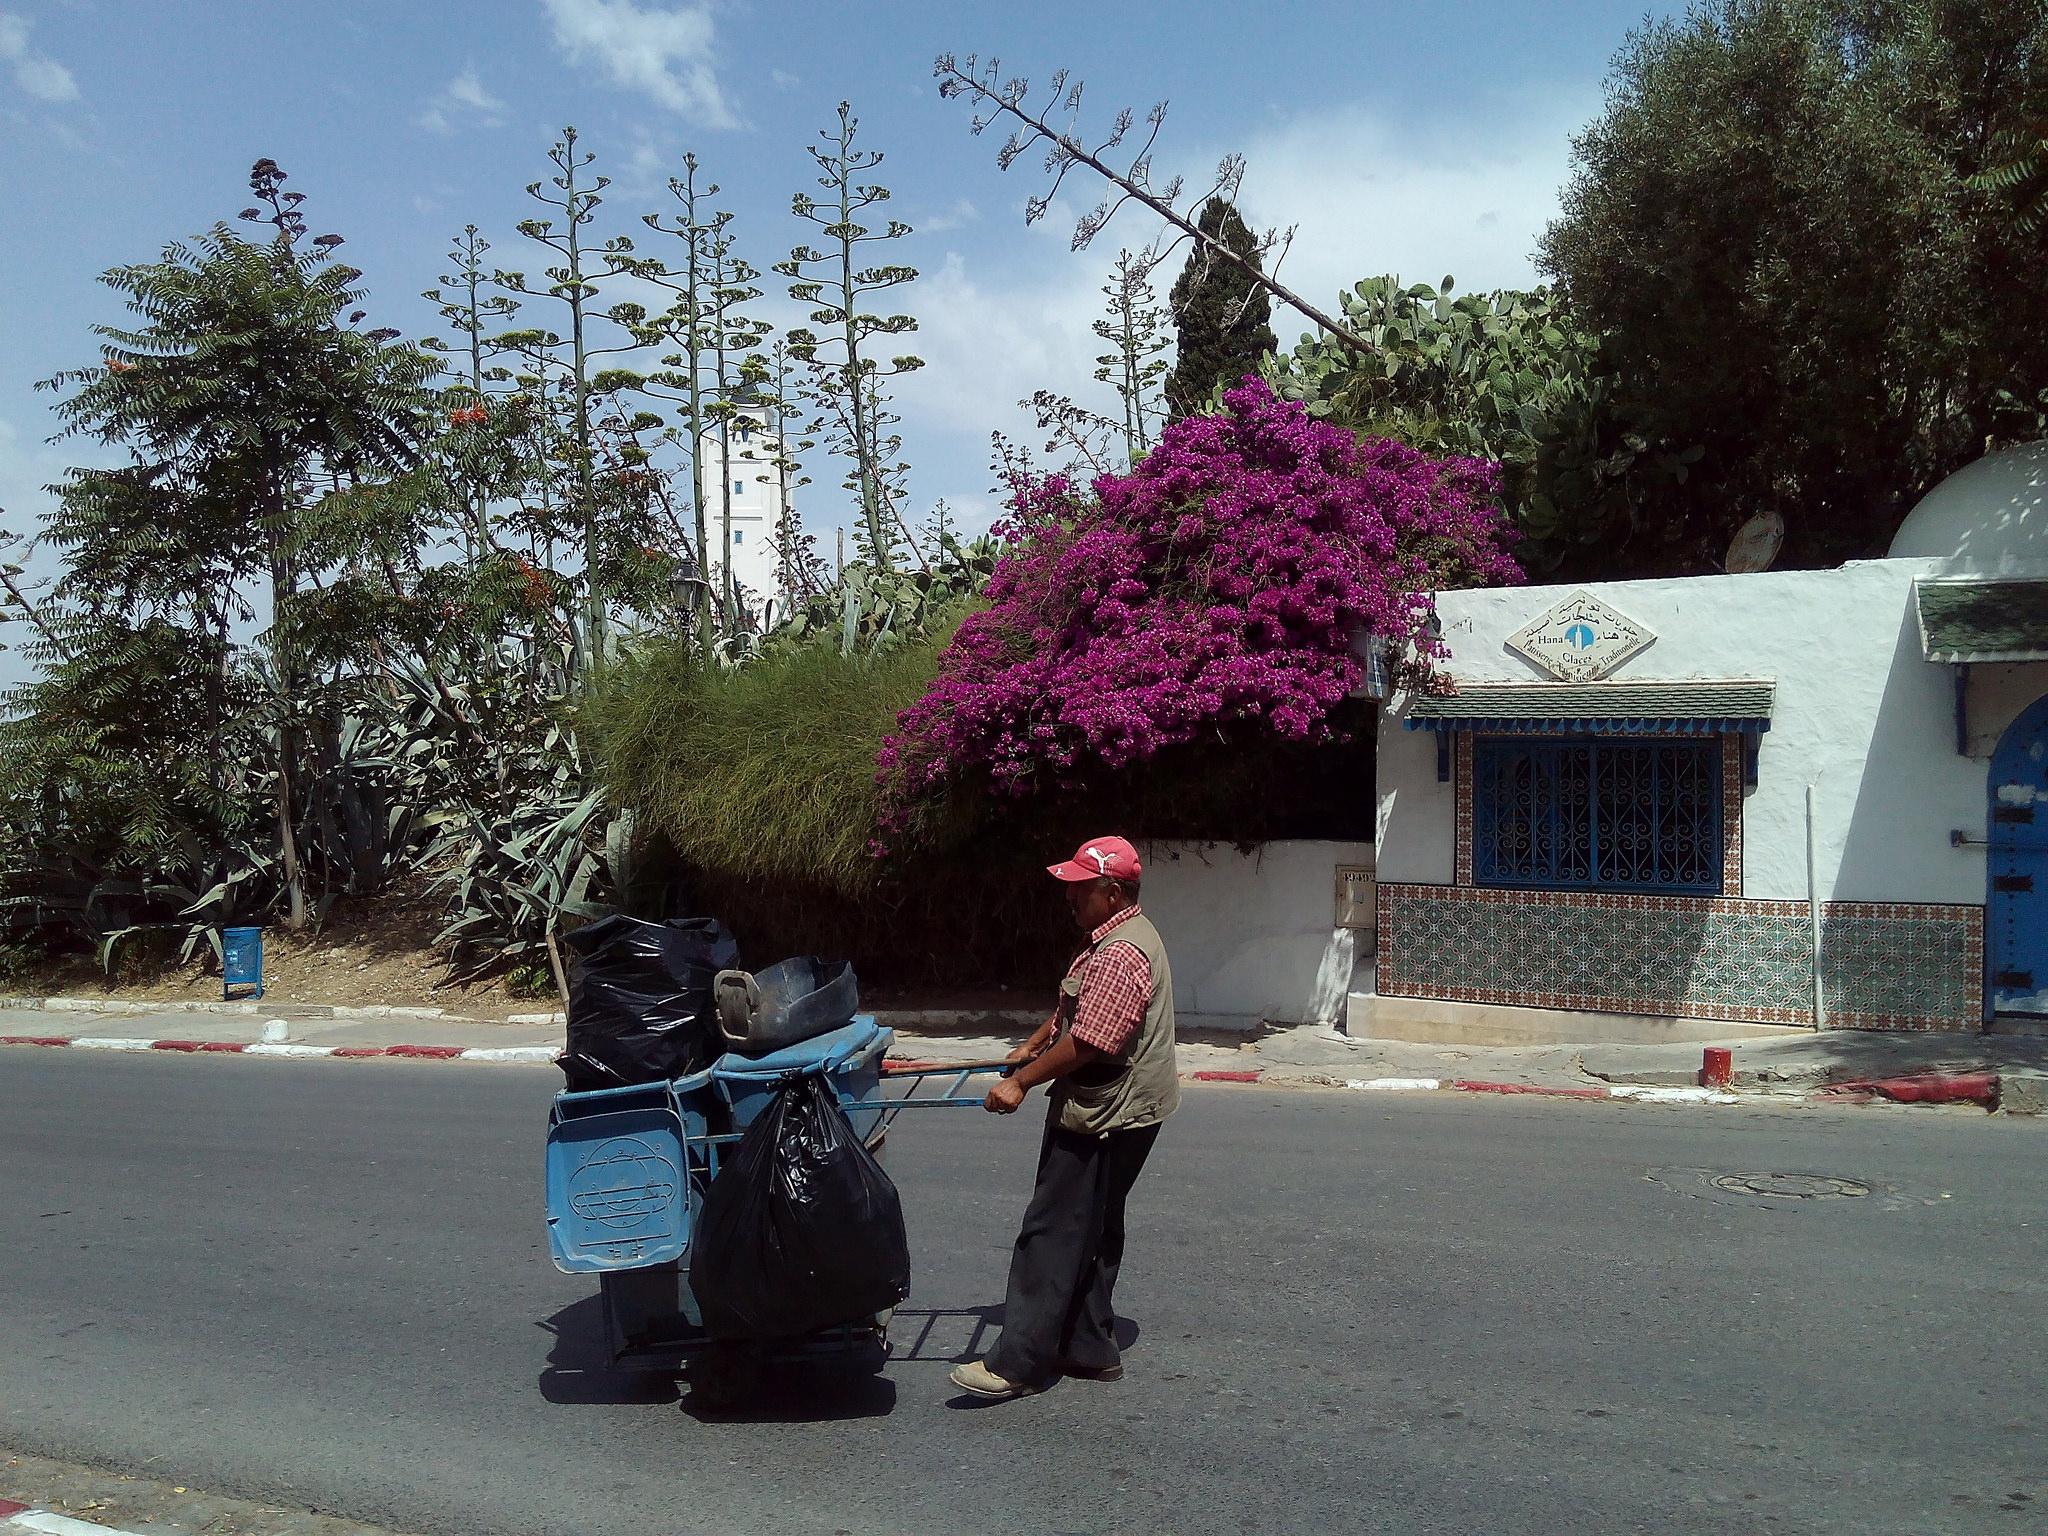 Gestion des déchets en Tunisie: la nécessité d'un dialogue parmi les acteurs